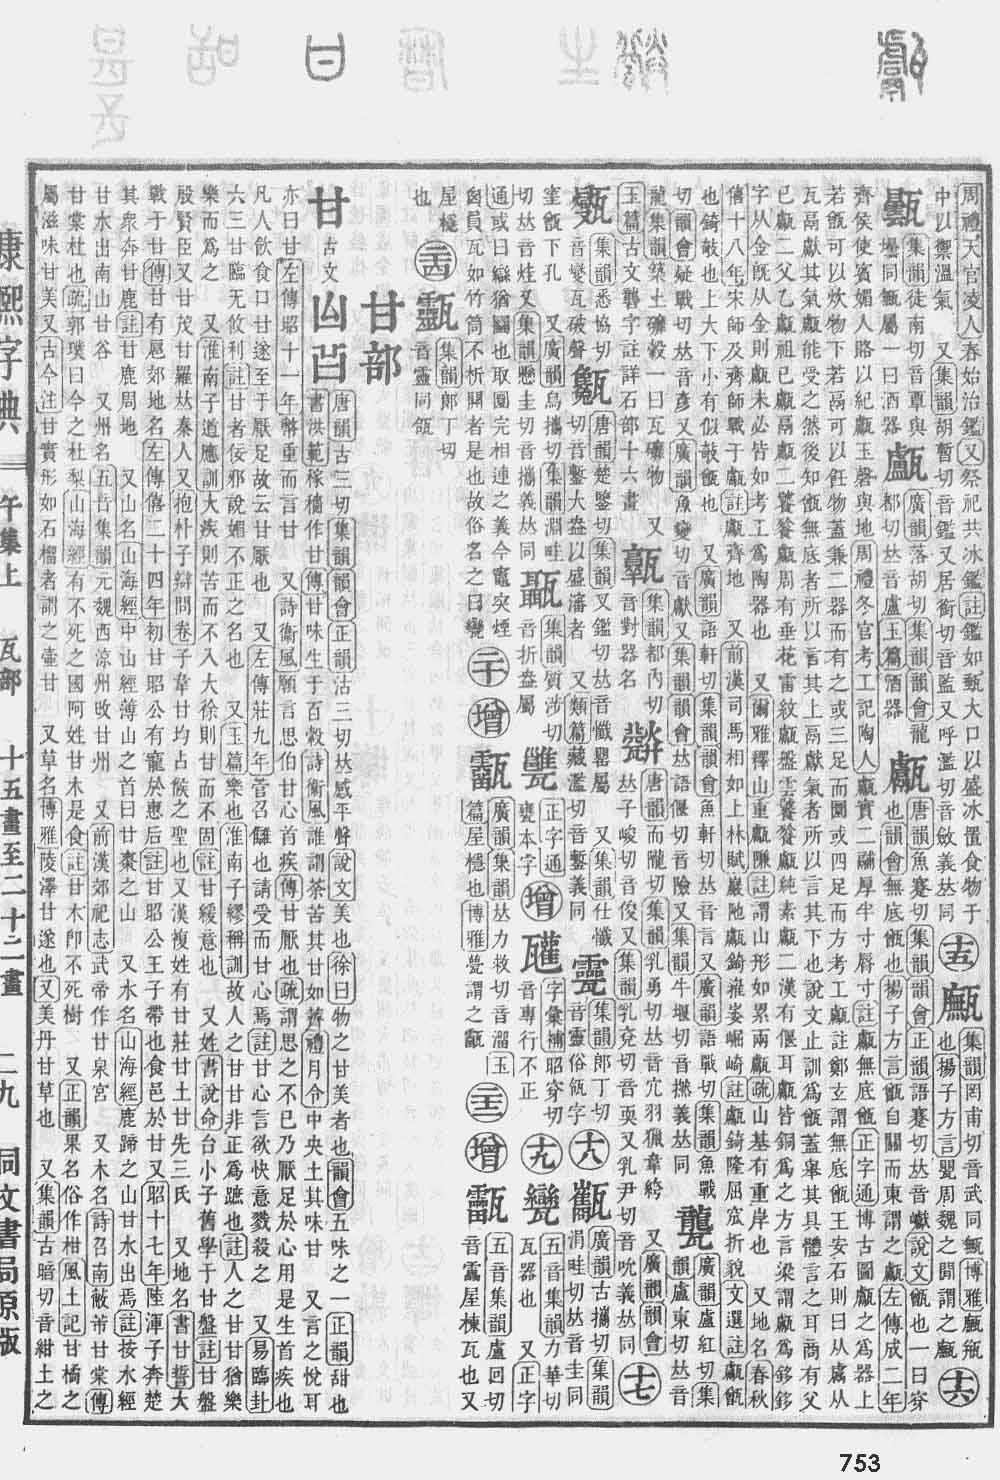 《康熙字典》第753页